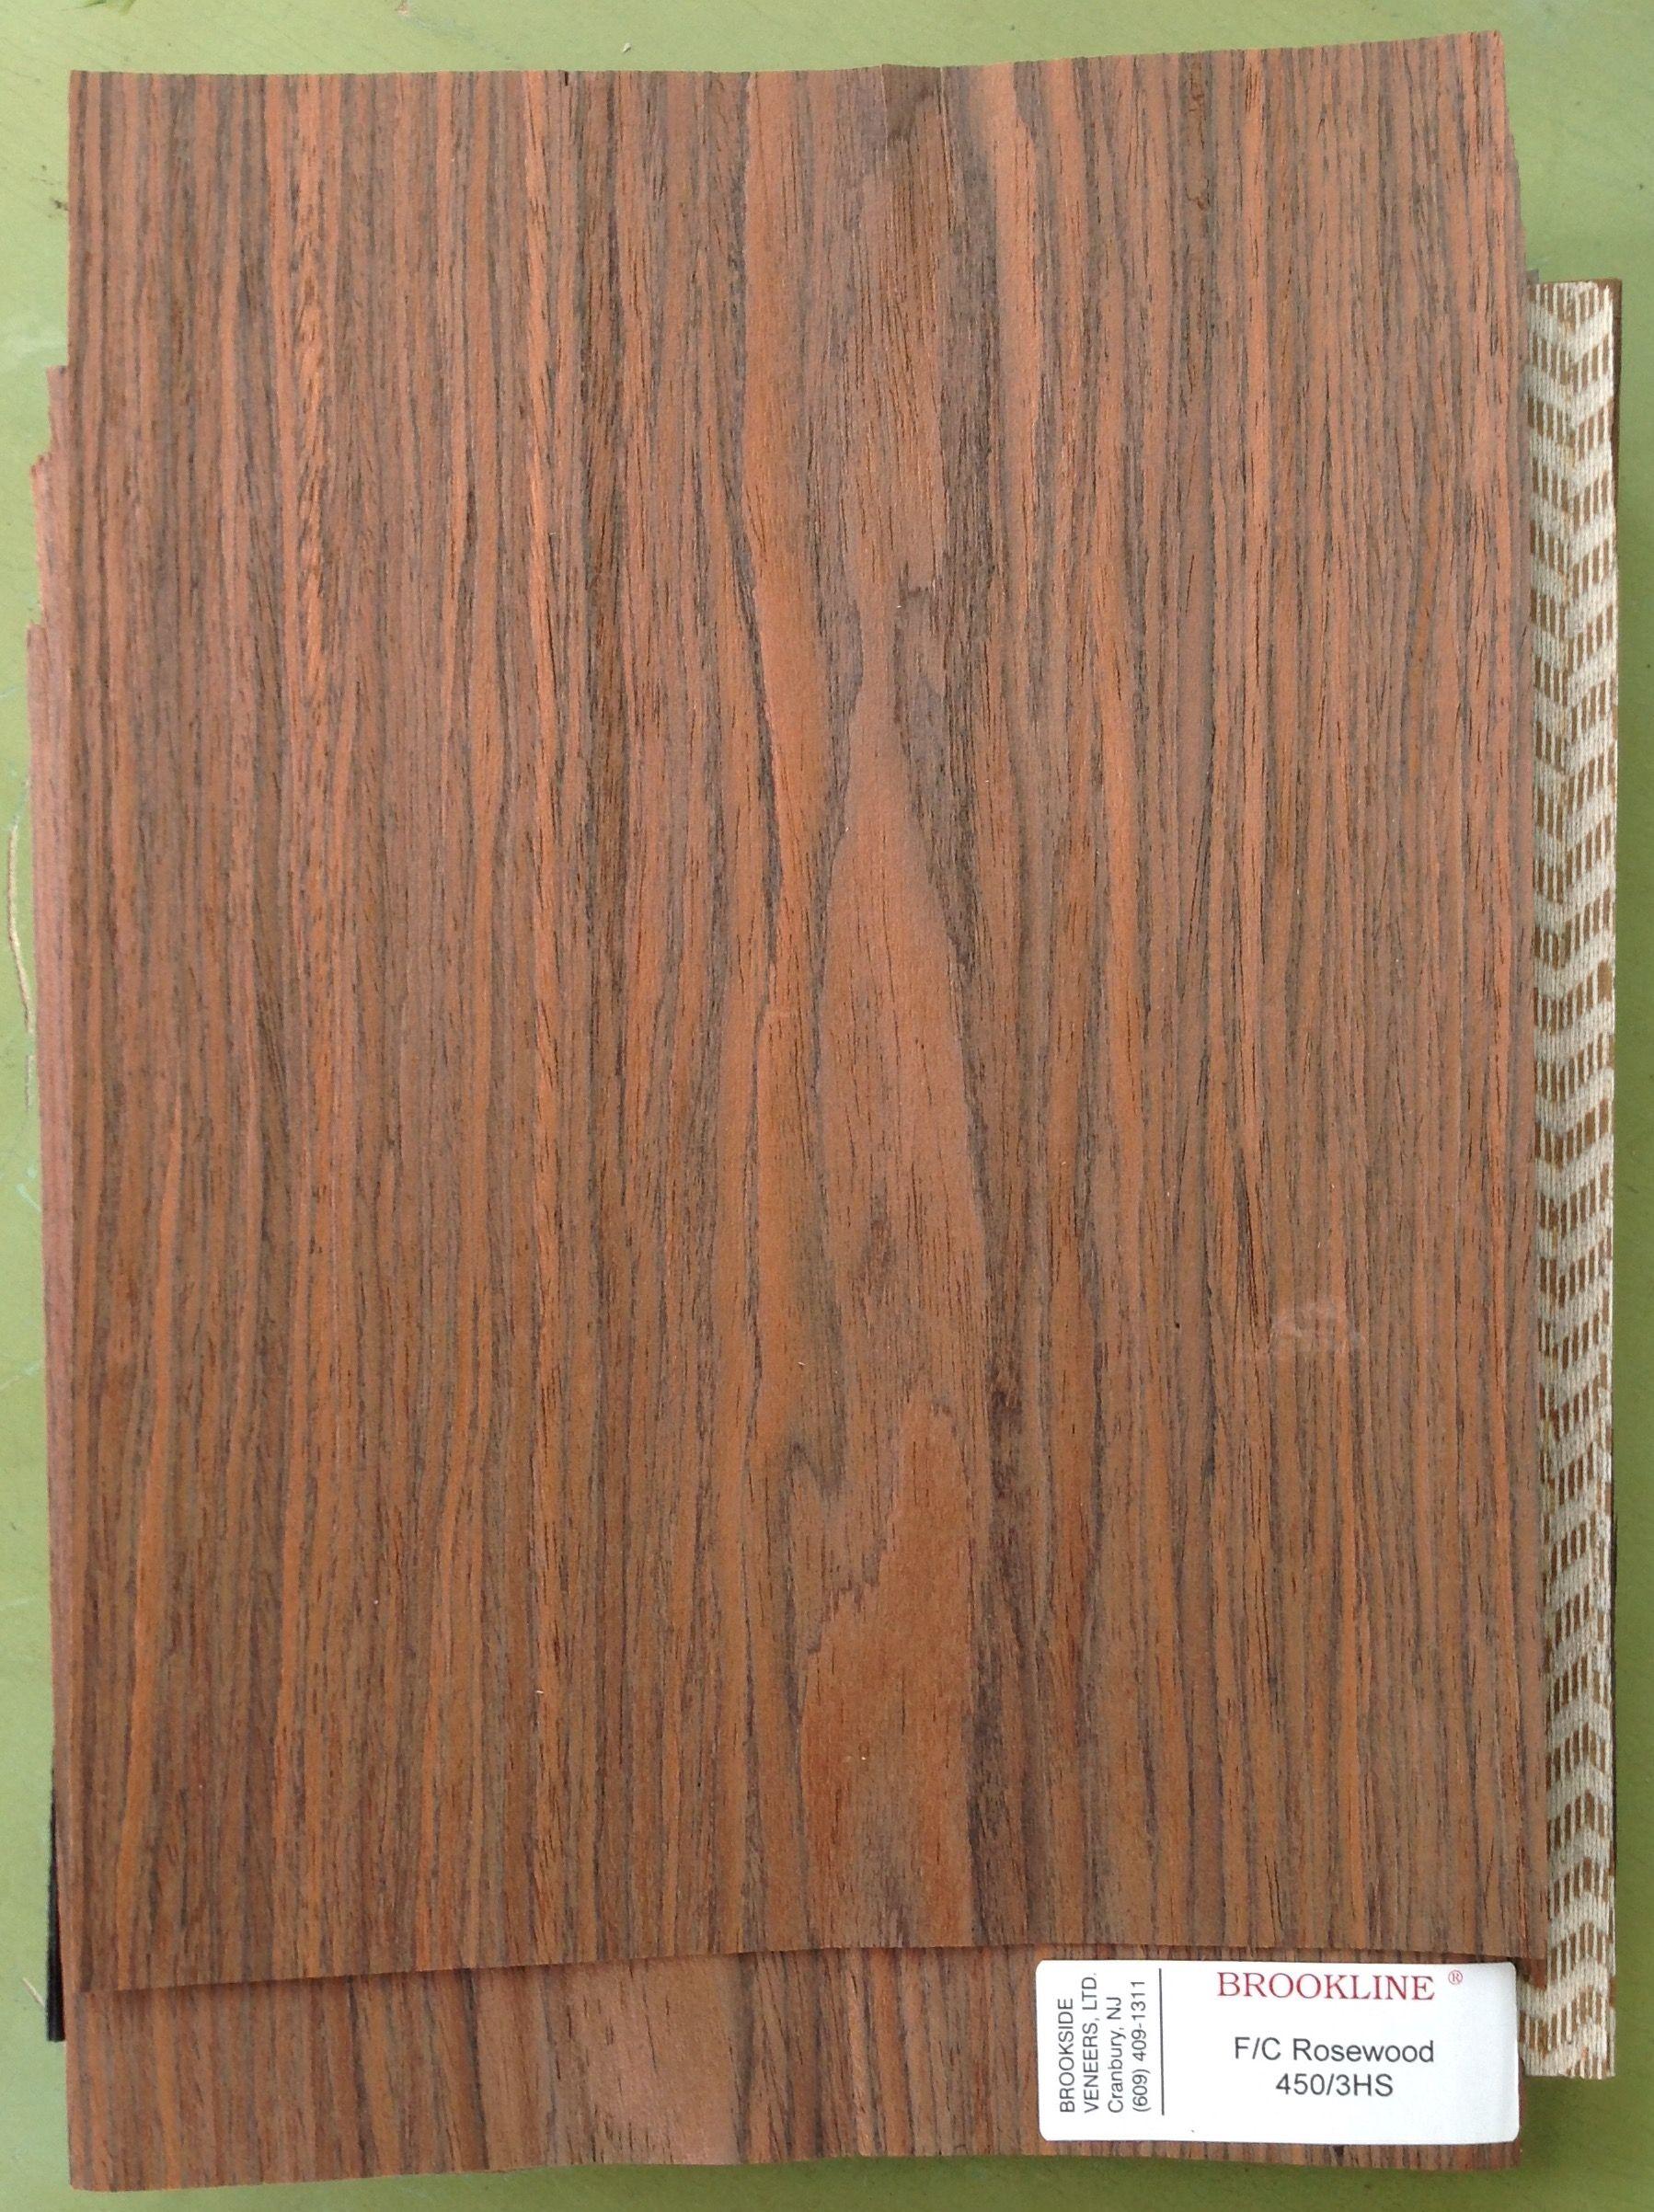 New Alpi Veneer Design At Brookside Veneers Available From Monarch Custom Plywood Inc 8301 Keele St Unit 2 Vaughan On L 4k 1z6 F Wood Veneer Veneers Wood